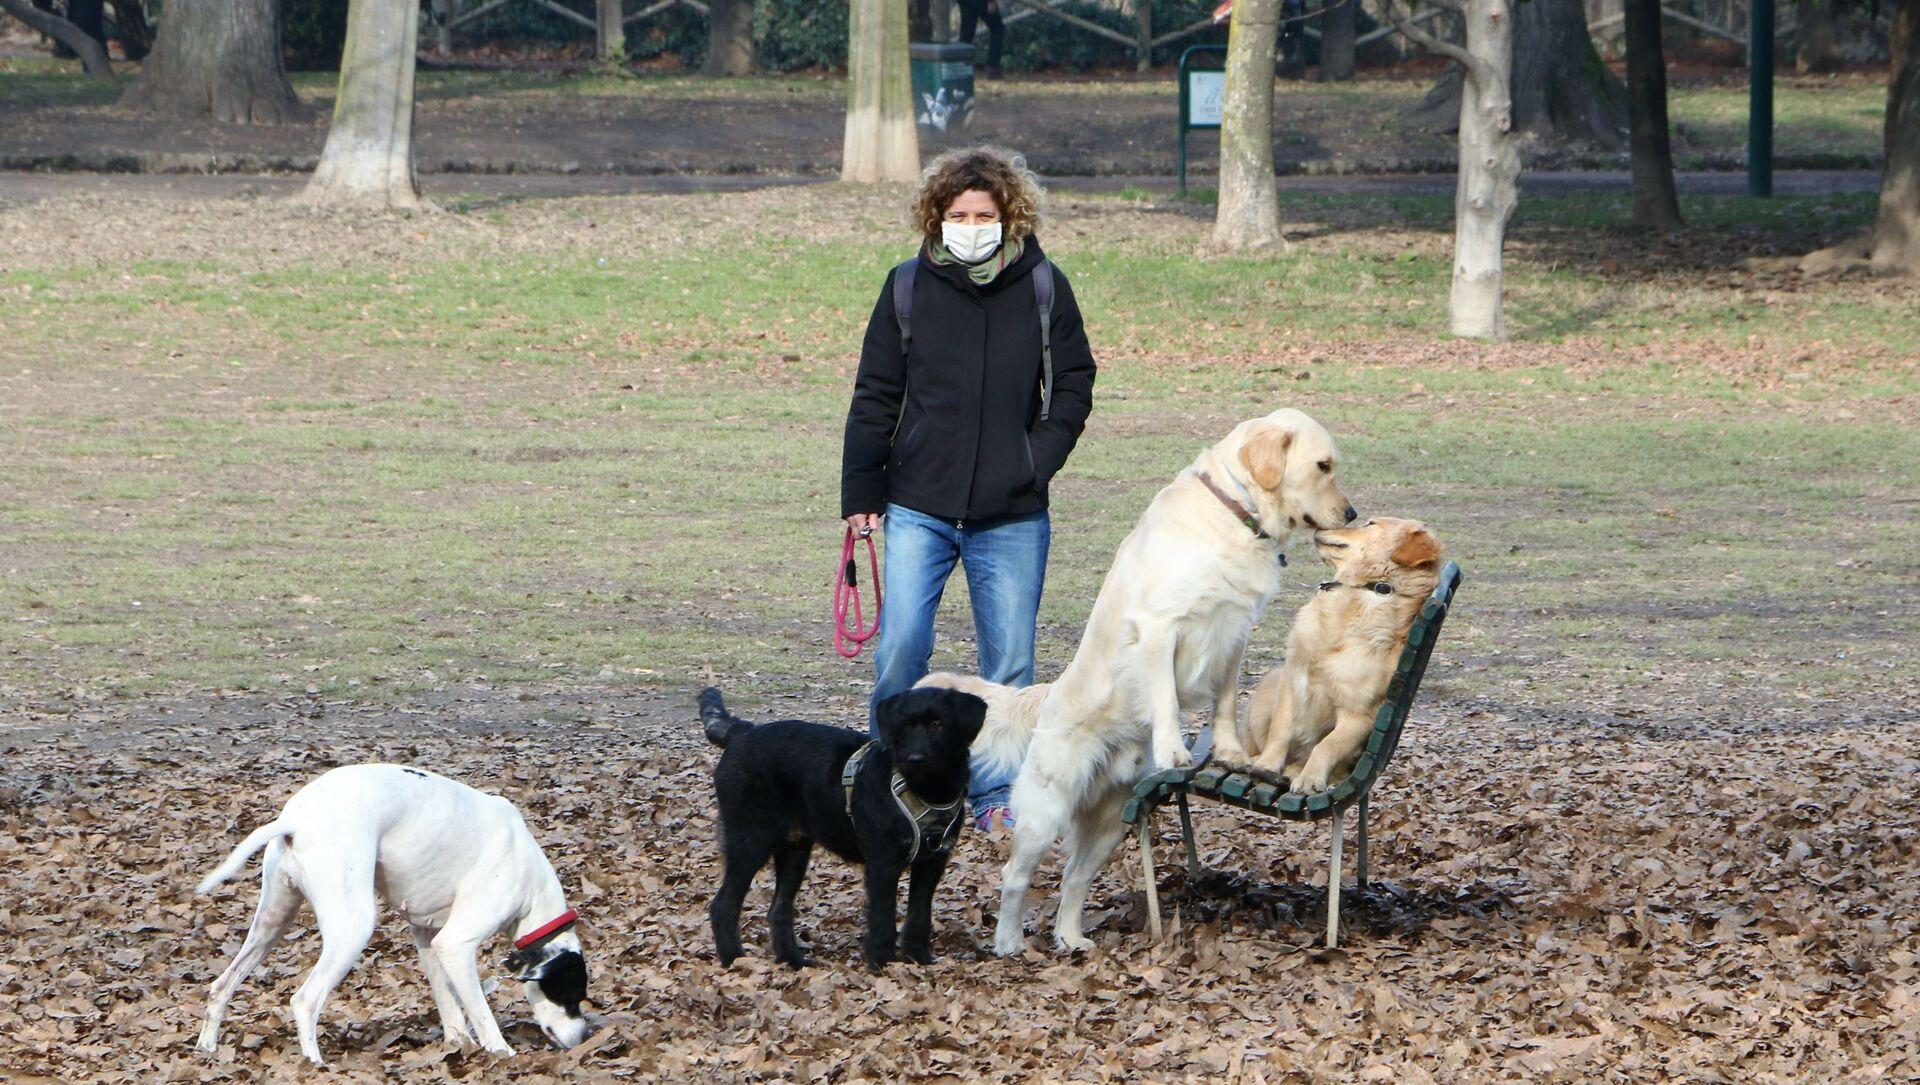 Una donna con i cani in un parco di Milano, Italia - Sputnik Italia, 1920, 10.03.2021